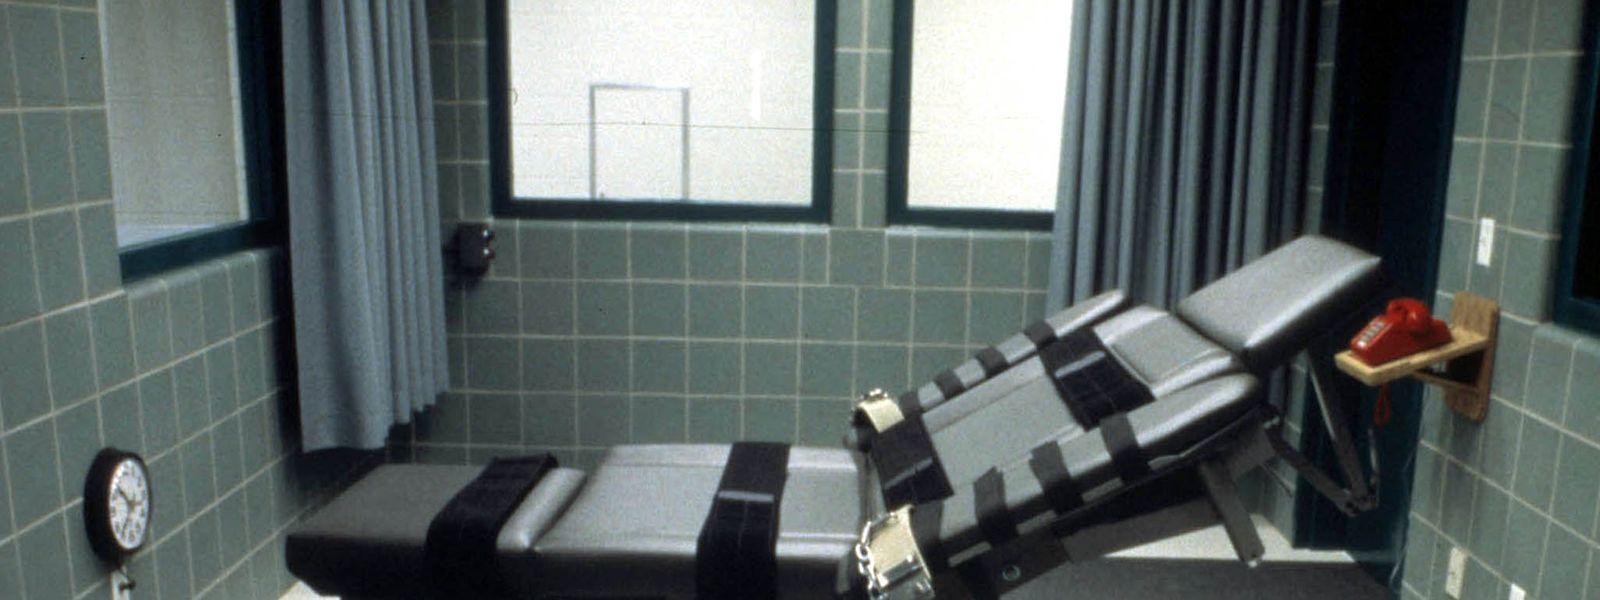 Hinrichtungsstuhl für tödliche Injektionen im Gefängnis in Terre Haute im US-Bundesstaat Indiana.